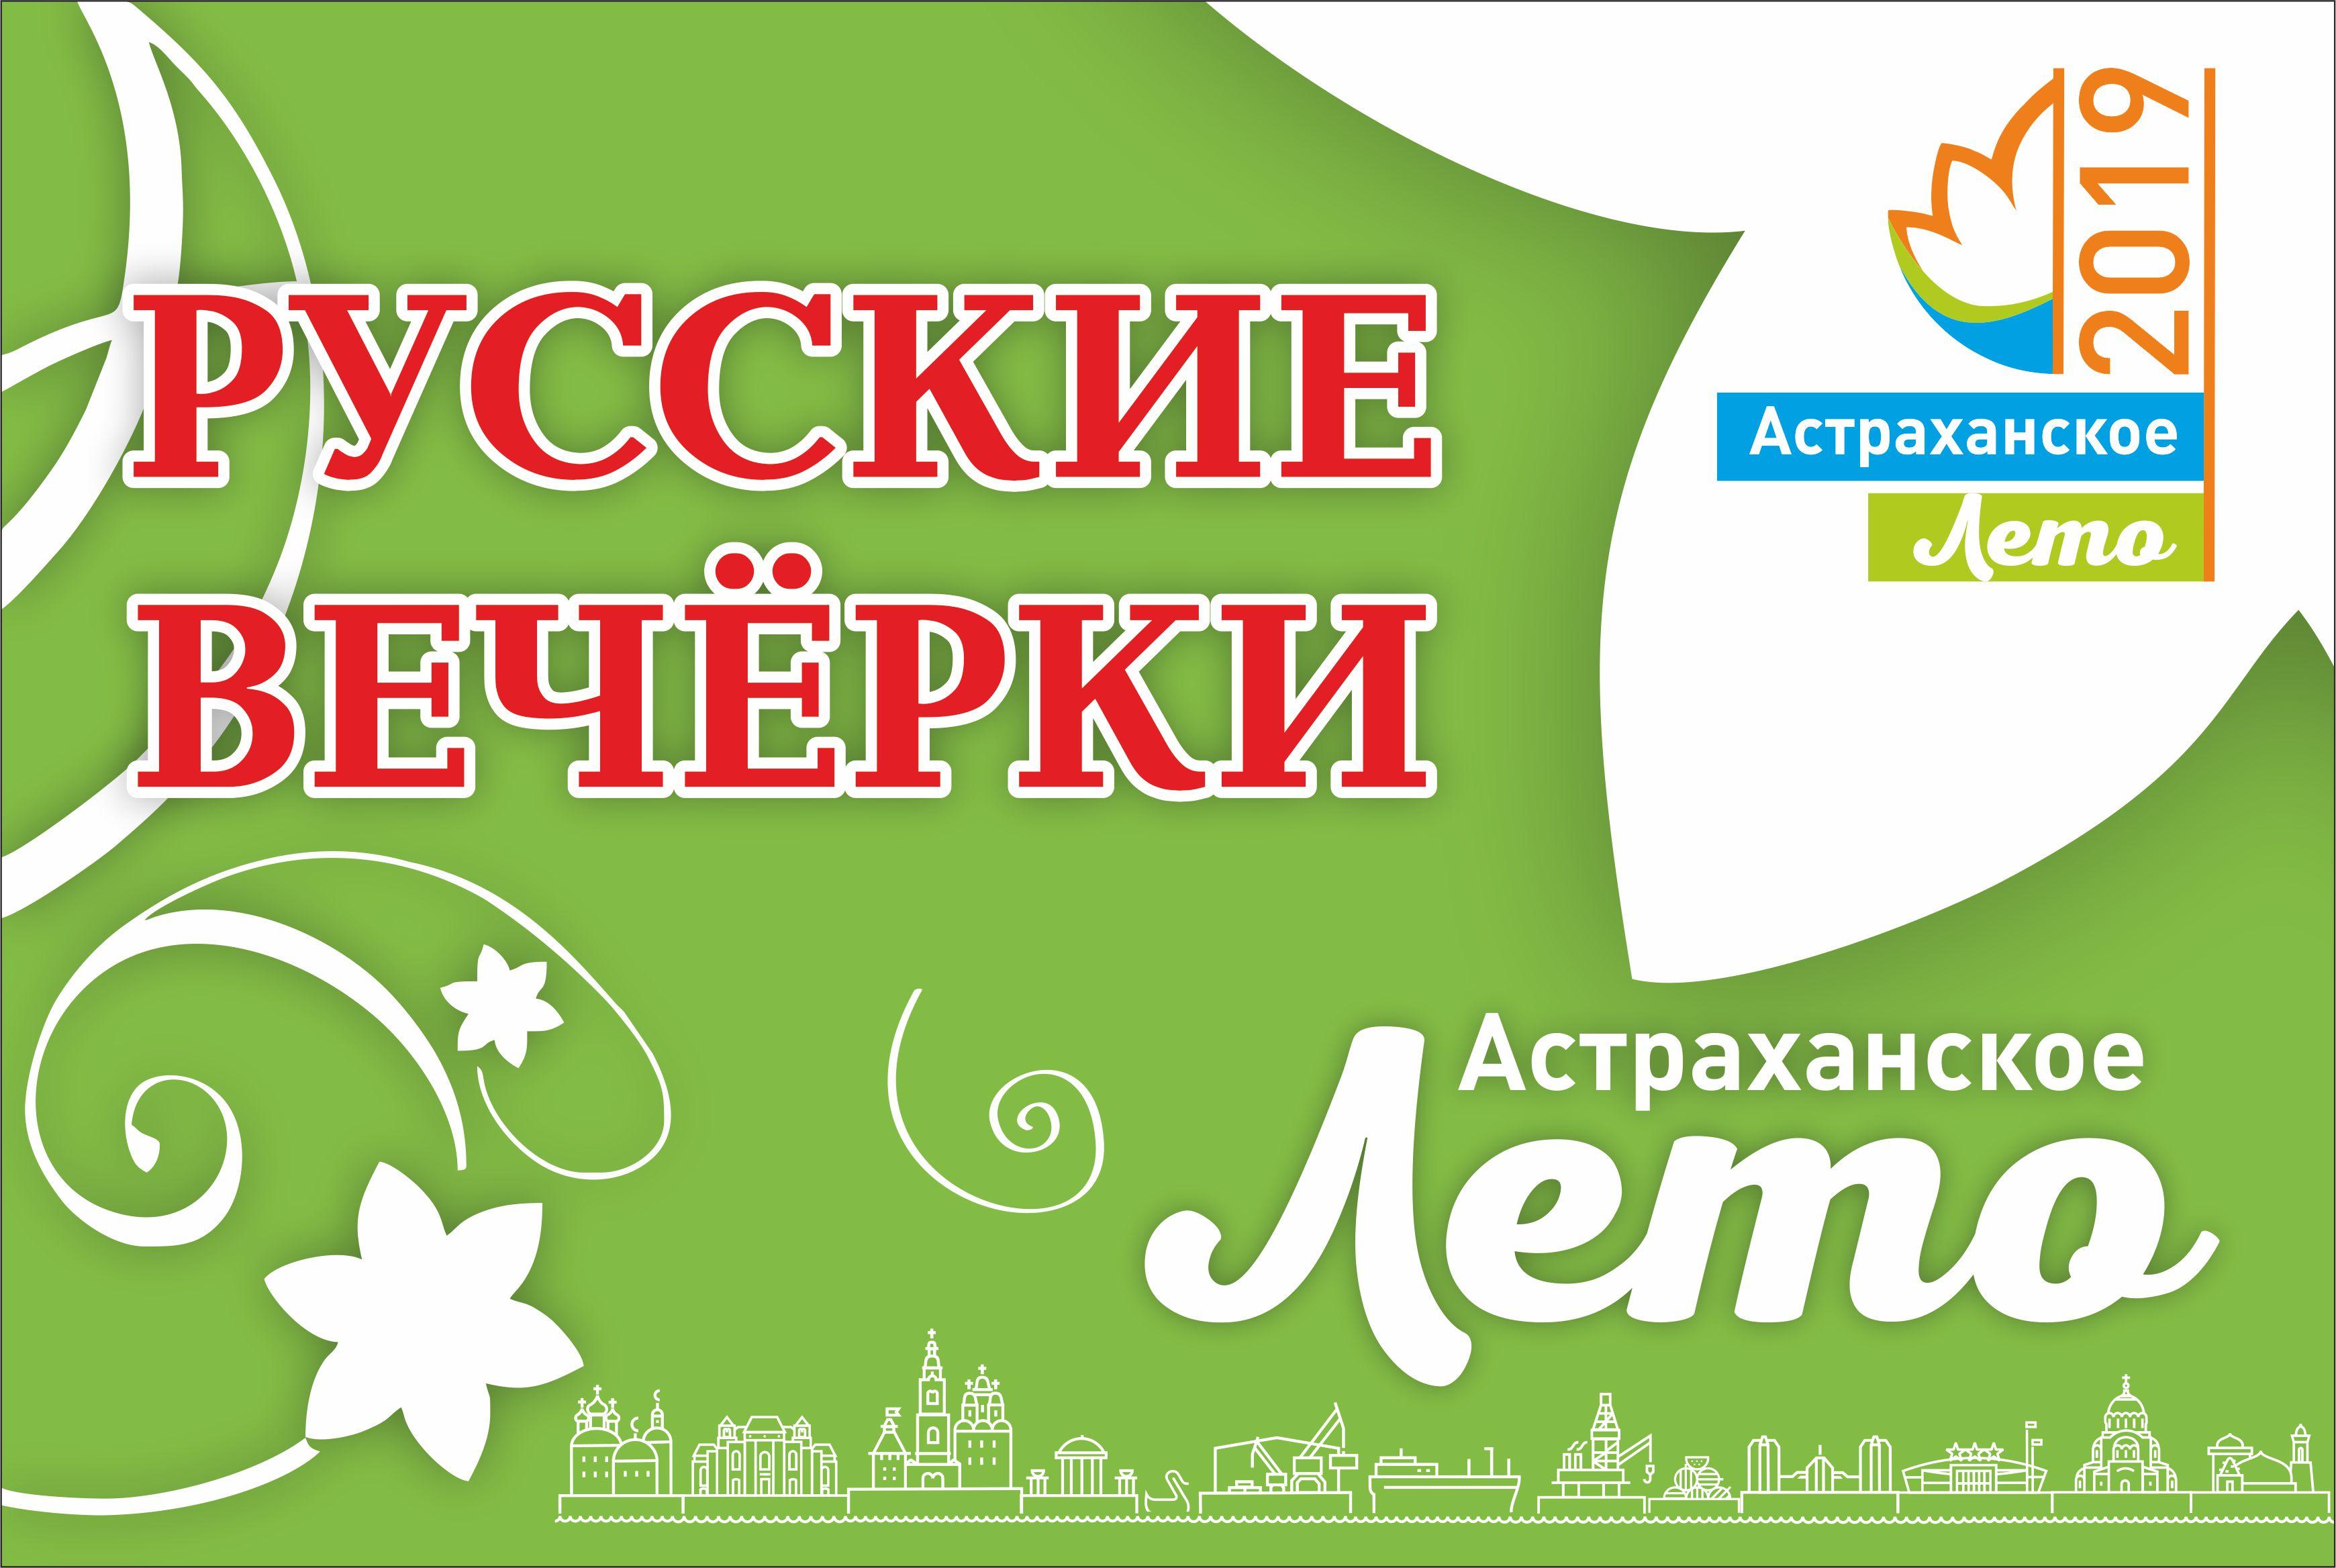 Русские вечерки продолжают радовать астраханцев